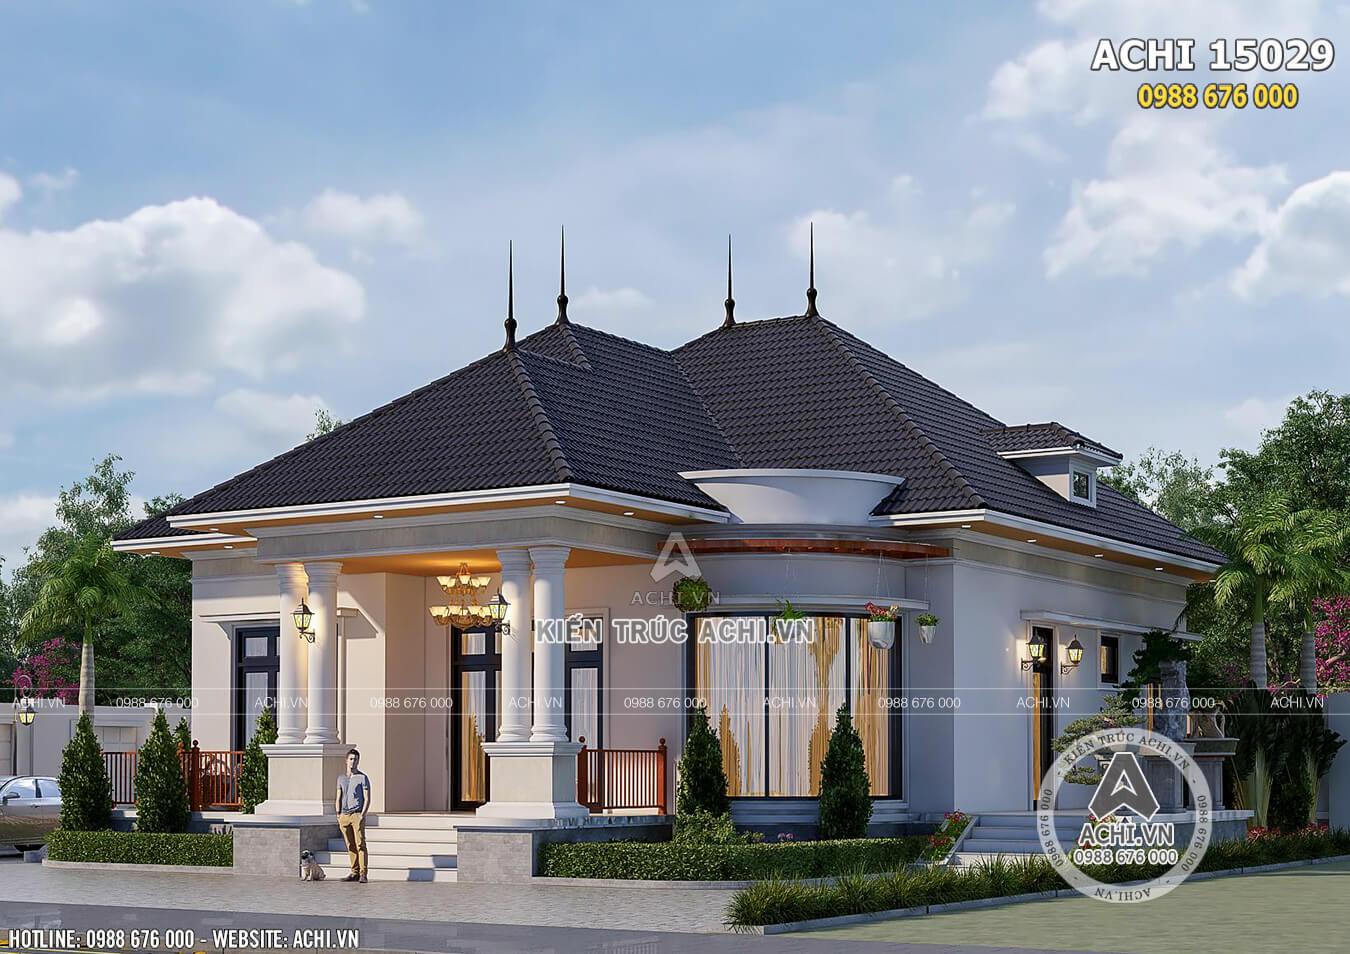 Hình ảnh: Ngôi nhà vườn 1 tầng mái thái ấn tượng và sang trọng– ACHI 15029